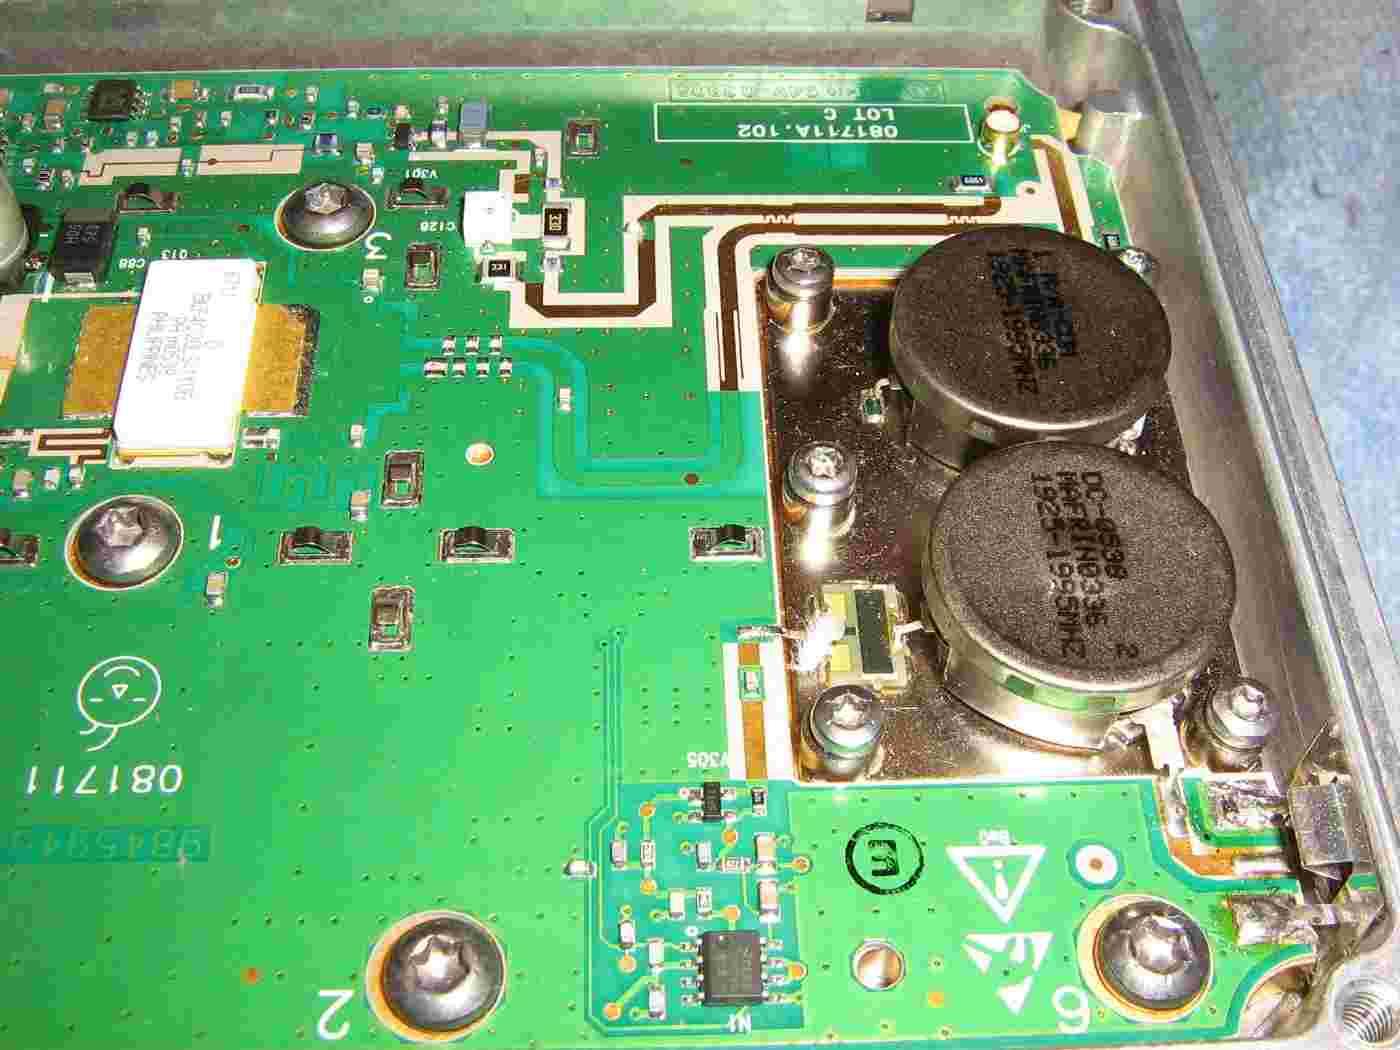 100 Watt Rf Amplifier For 2 Ghz